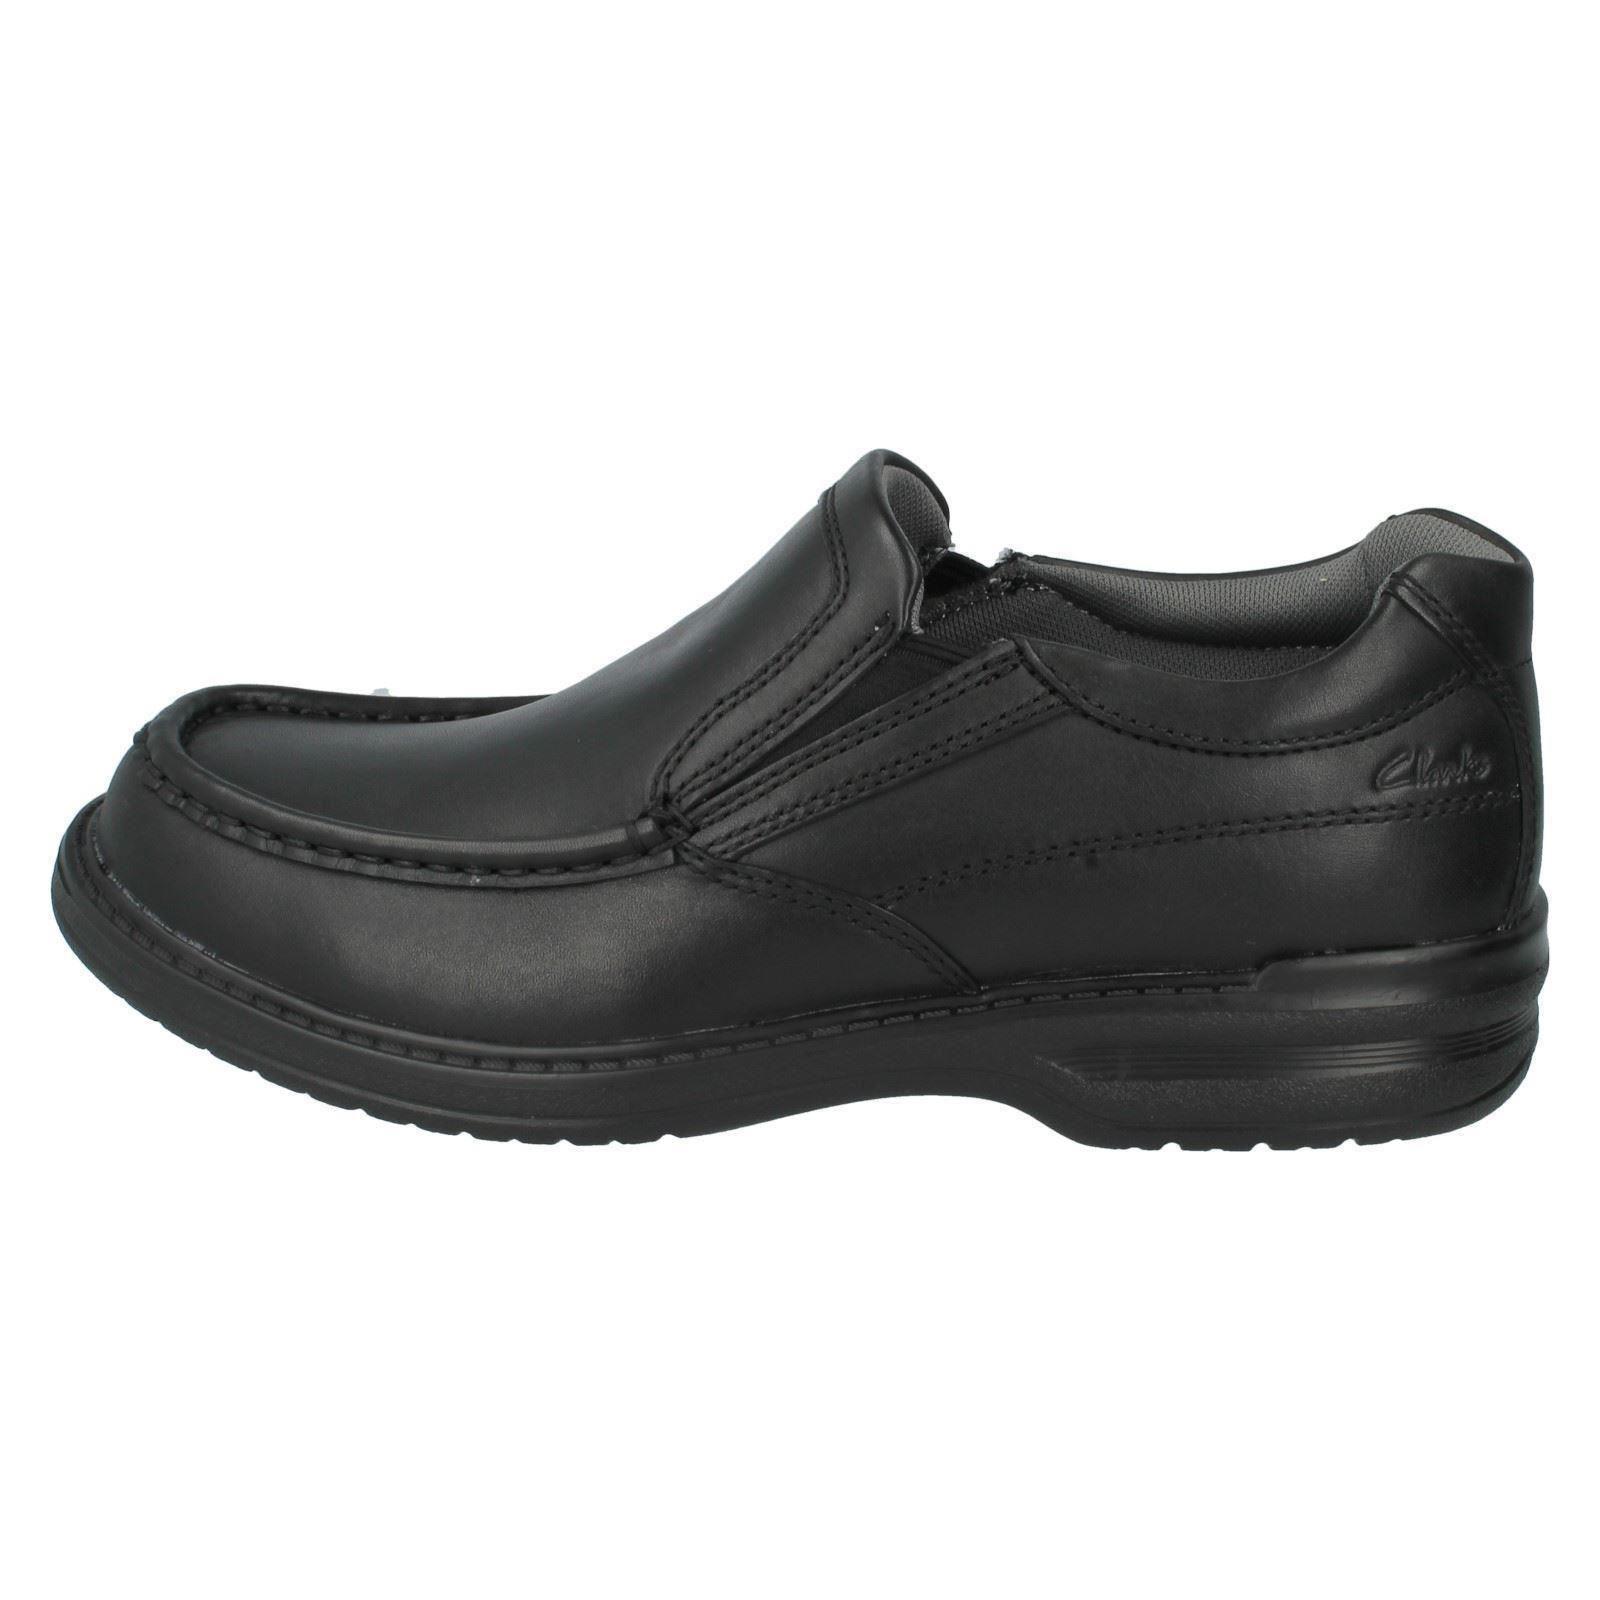 Para Hombre Clarks Zapatos el Casuales el Zapatos estilo-Keeler paso 472d68